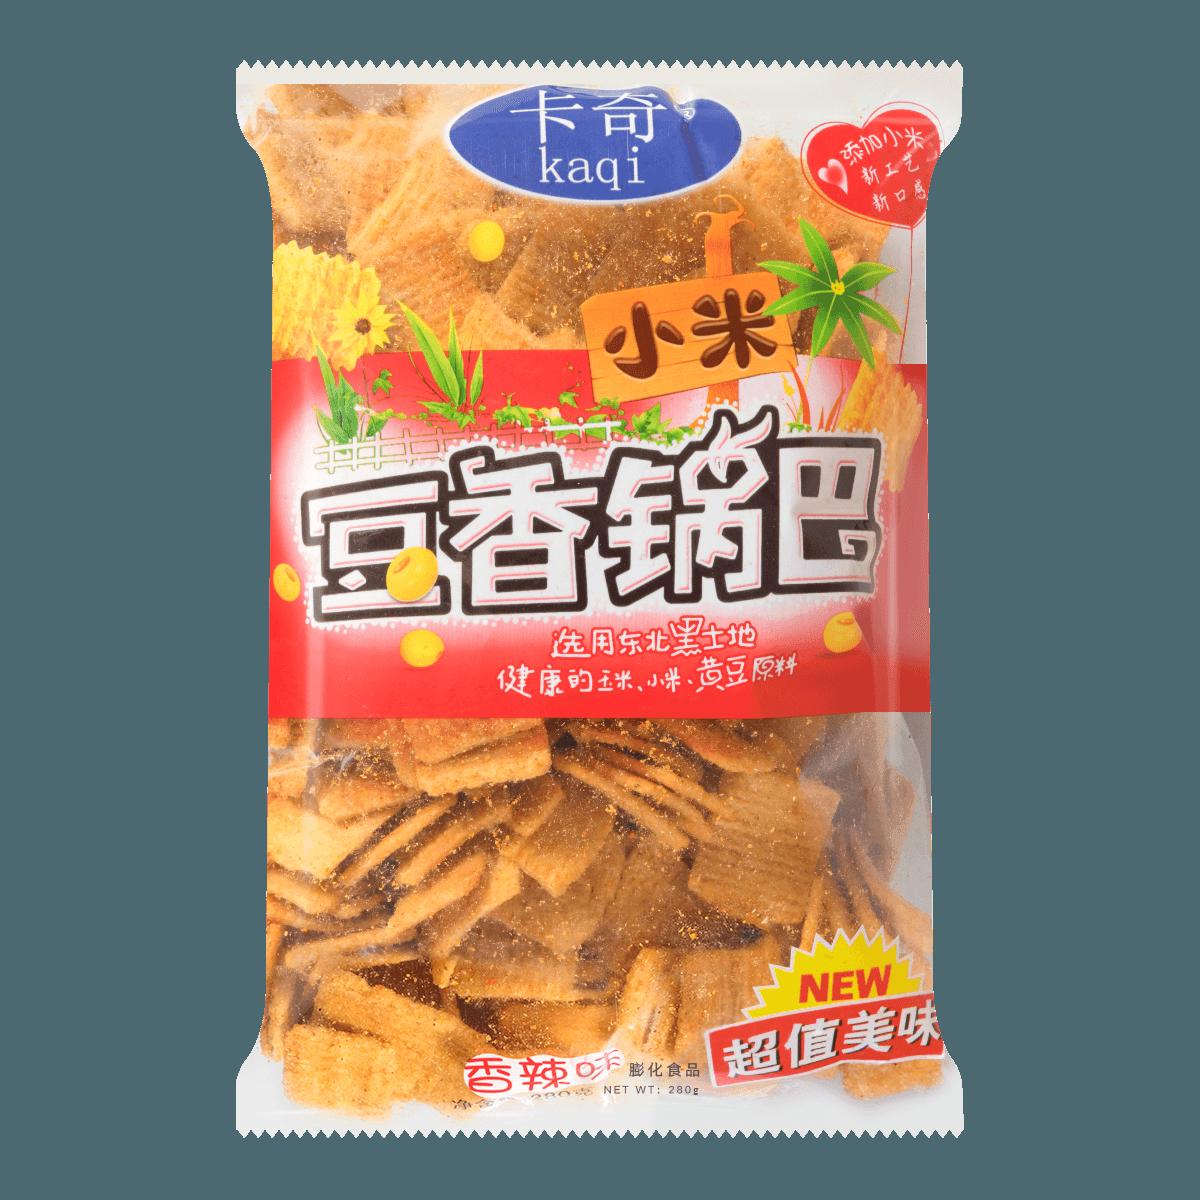 KAQI Rice Chips 280g